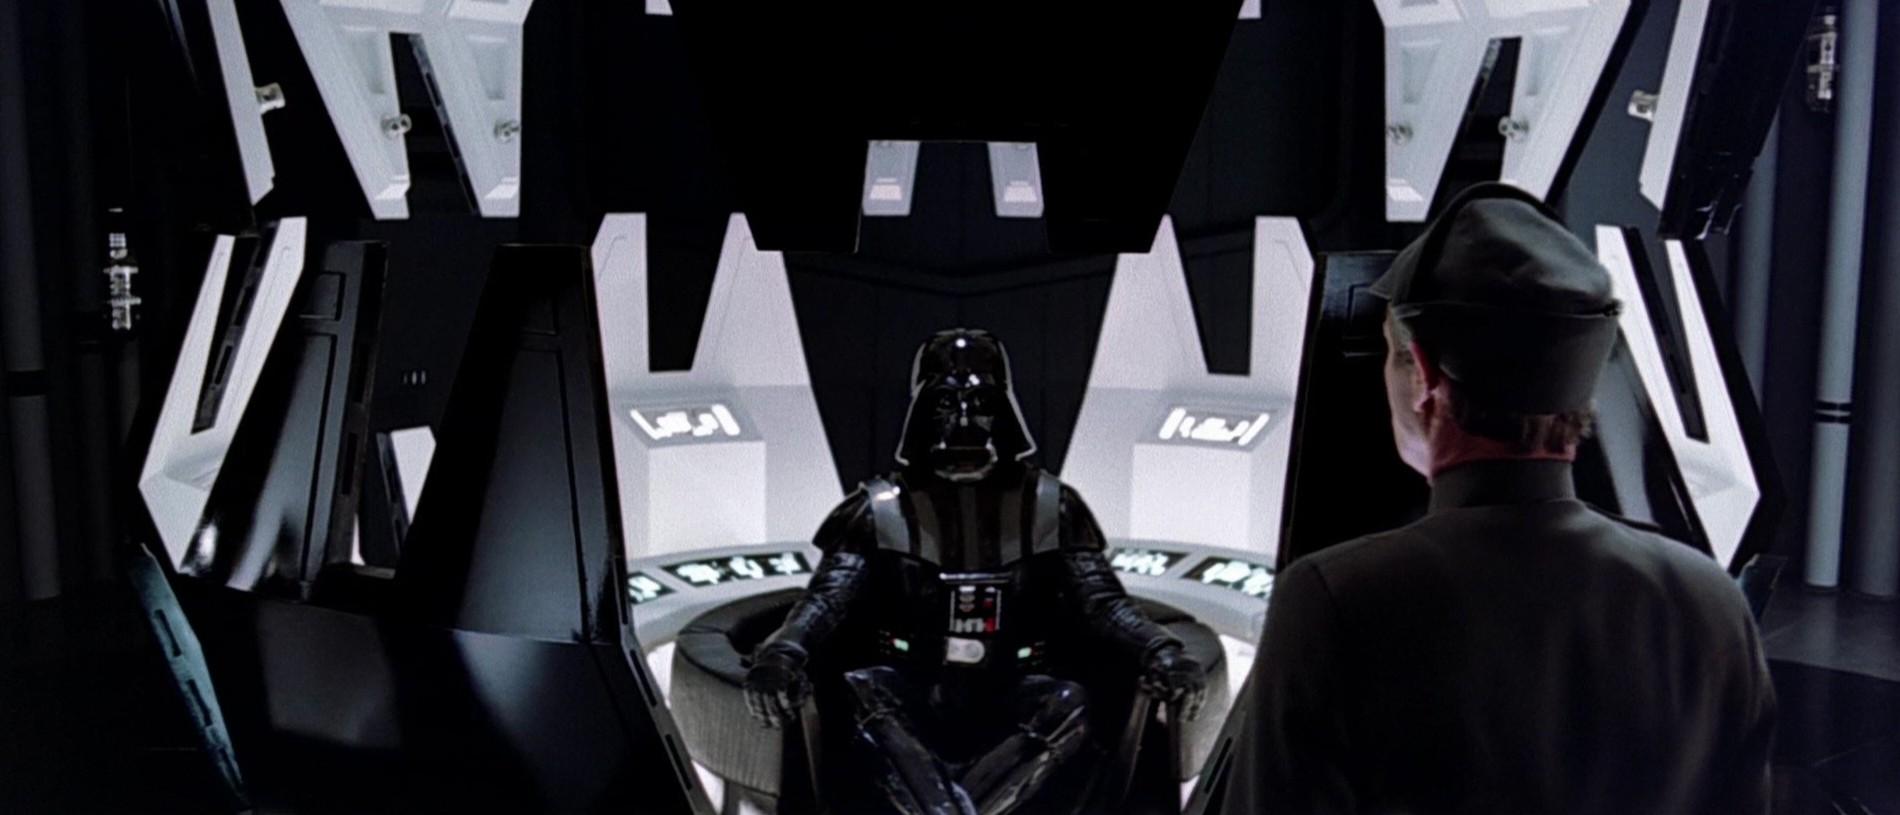 Câmara de meditação de Darth Vader